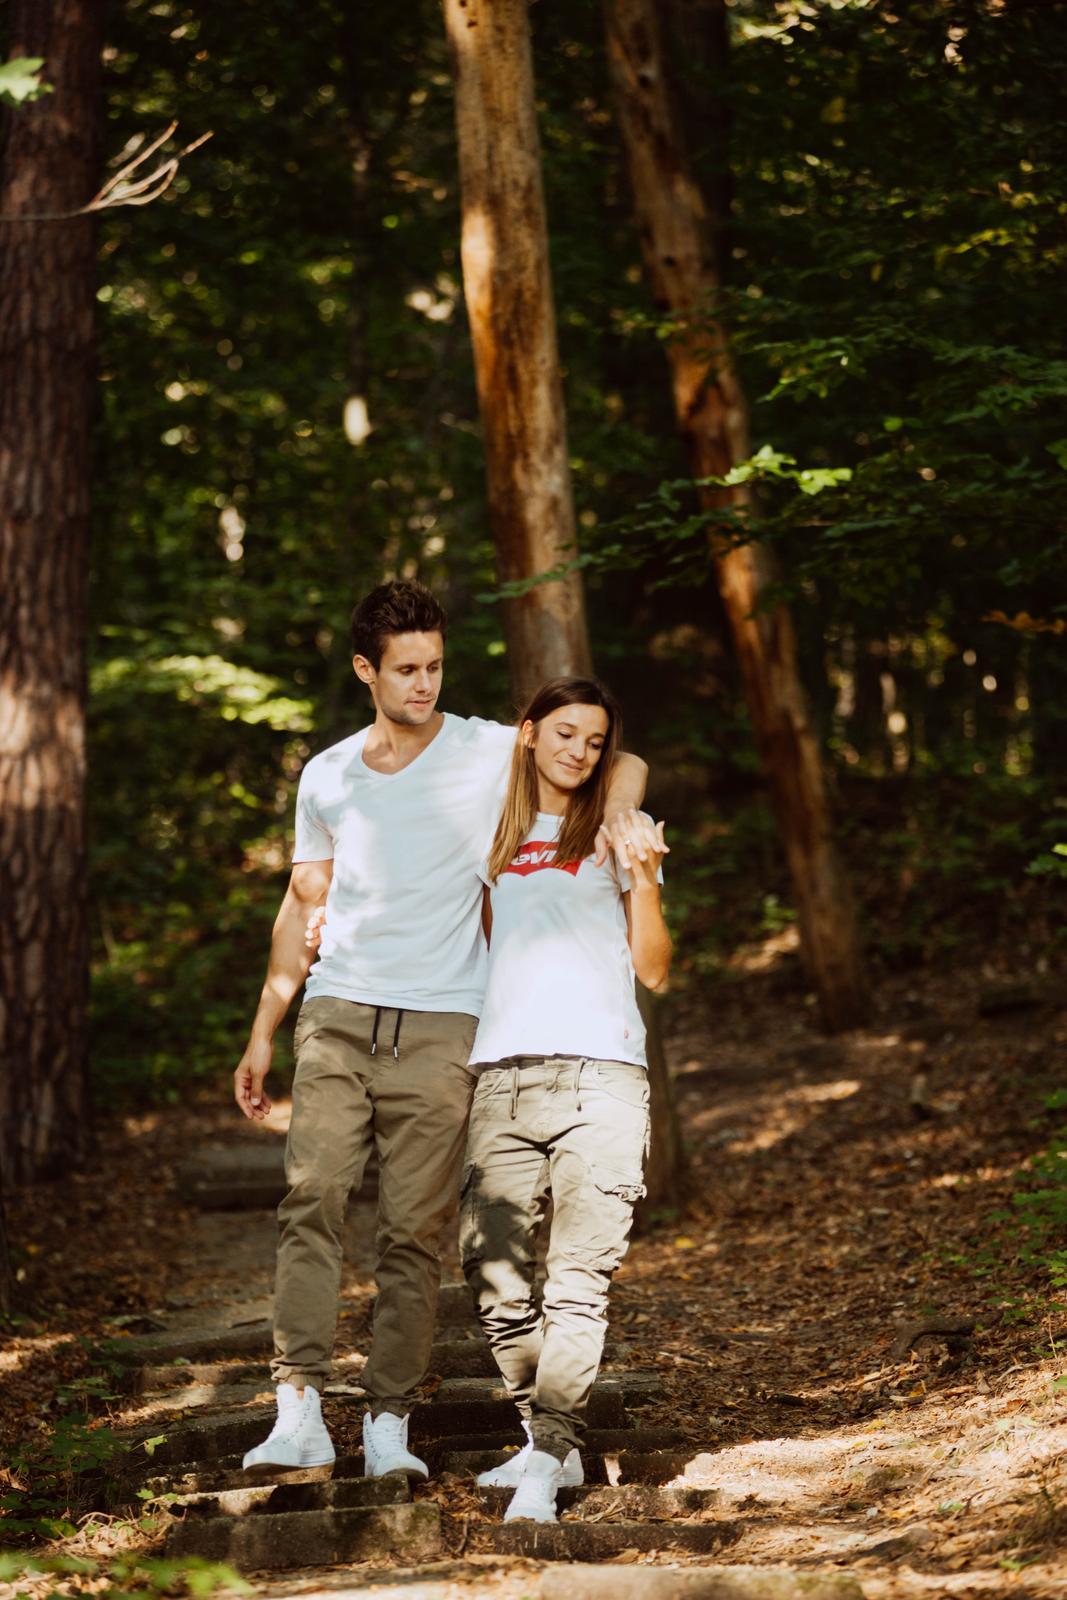 Rande - Mirka & Patrick ❤️ - Obrázok č. 11